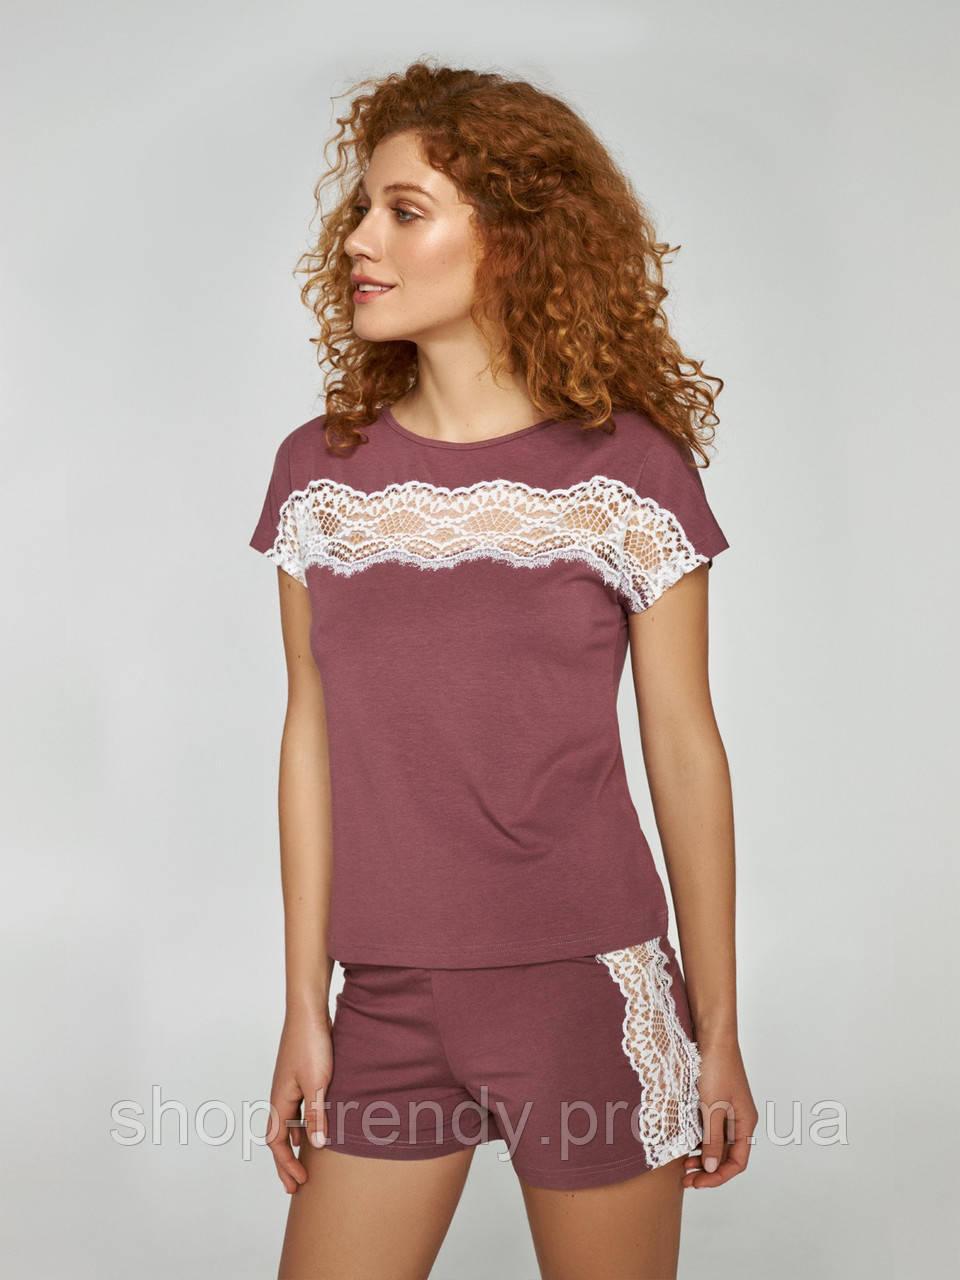 Женская пижама (футболка и шорты) из хлопка Ellen